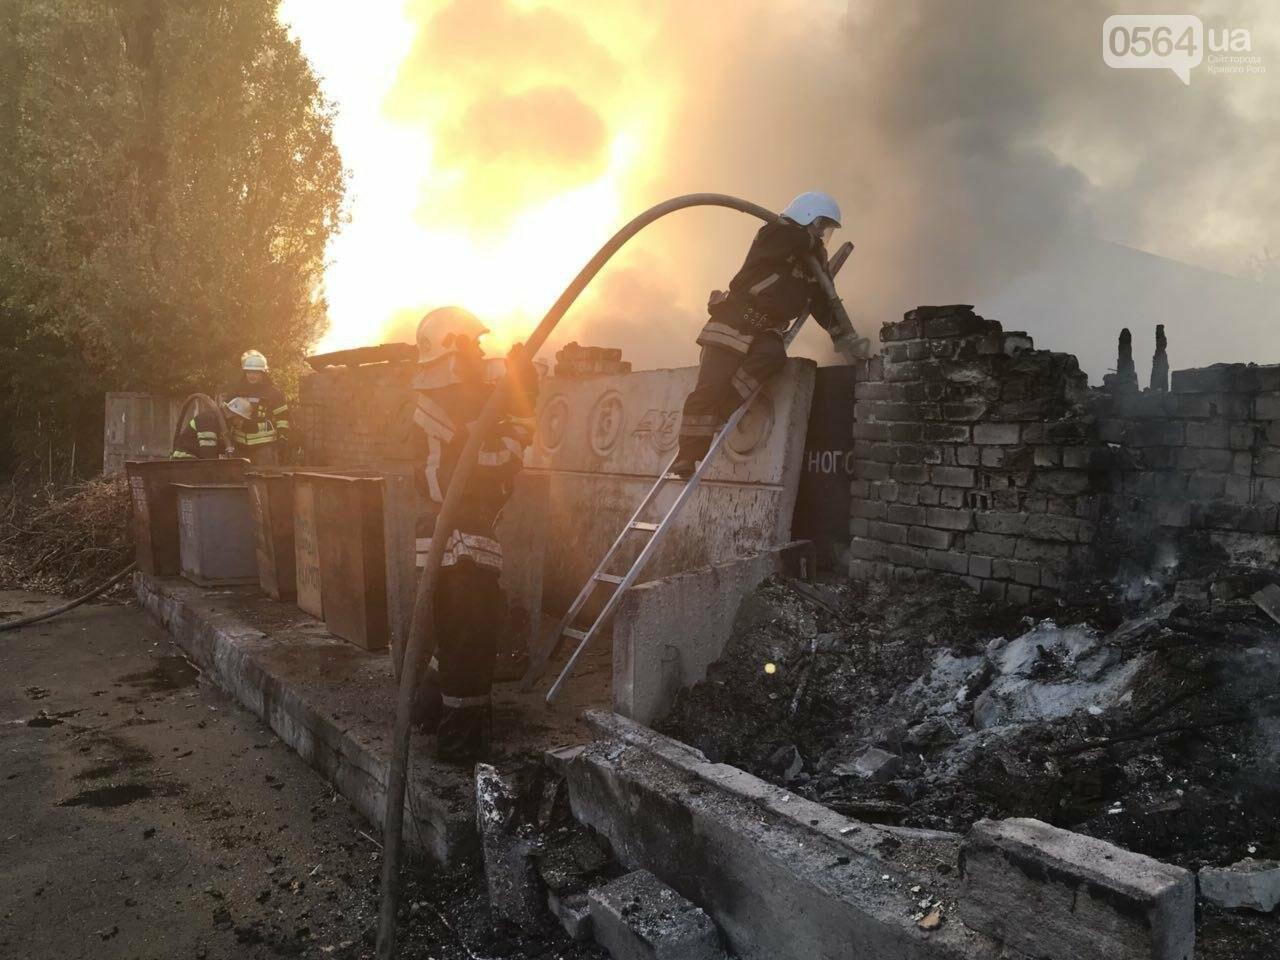 В Кривом Роге масштабный пожар: горели брошенные сараи, - ФОТО, ВИДЕО, фото-9